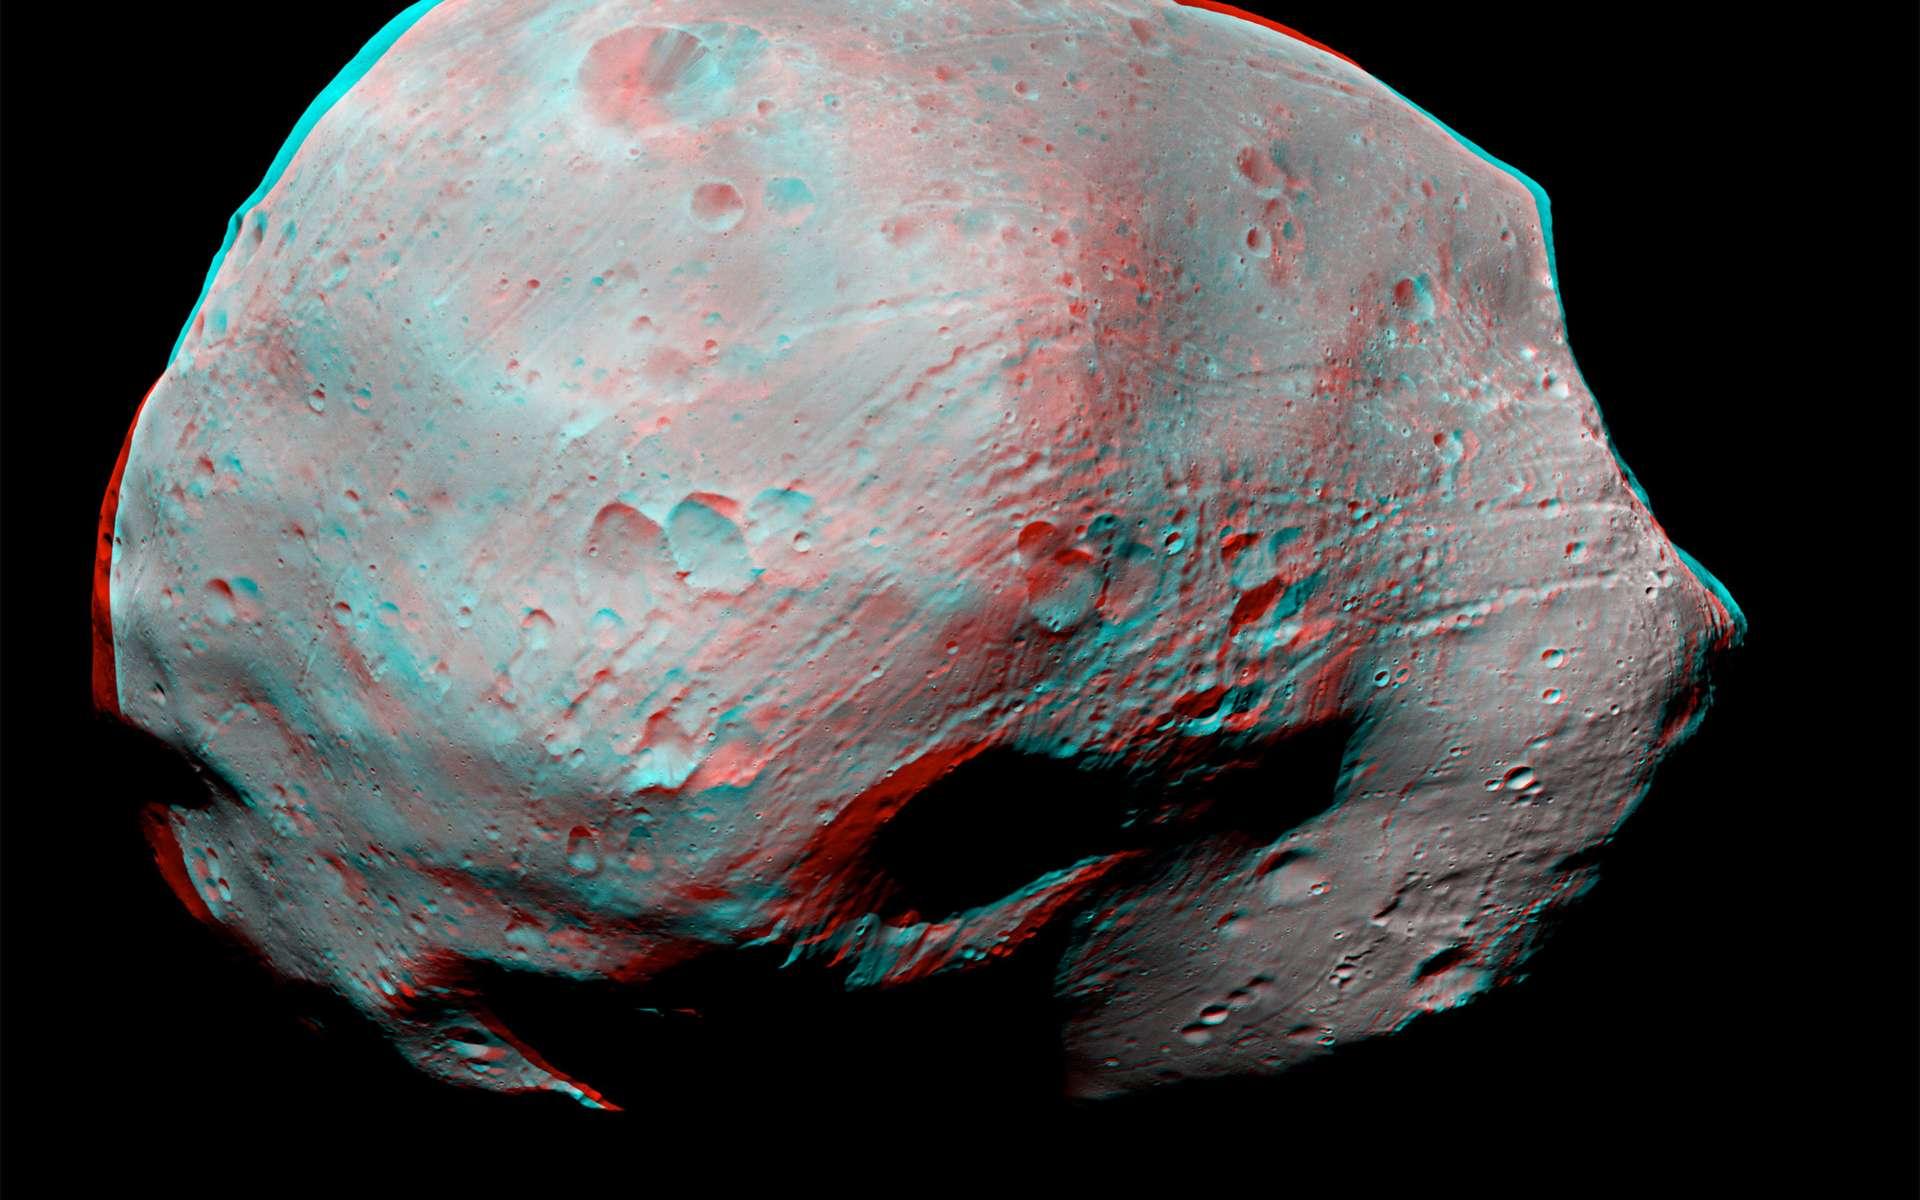 En raison de sa proximité à Mars et de son histoire et sa composition, l'exploration robotique et humaine de Phobos aura bien lieu. Mieux encore, il pourrait devenir un poste avancé de l'exploration humaine de Mars. Cette vue en 3D (visible avec des lunettes anaglyphes) a été acquise par la sonde européenne Mars Express depuis une distance d'environ 10 km. © Esa /DLR/FU Berlin (G. Neukum)